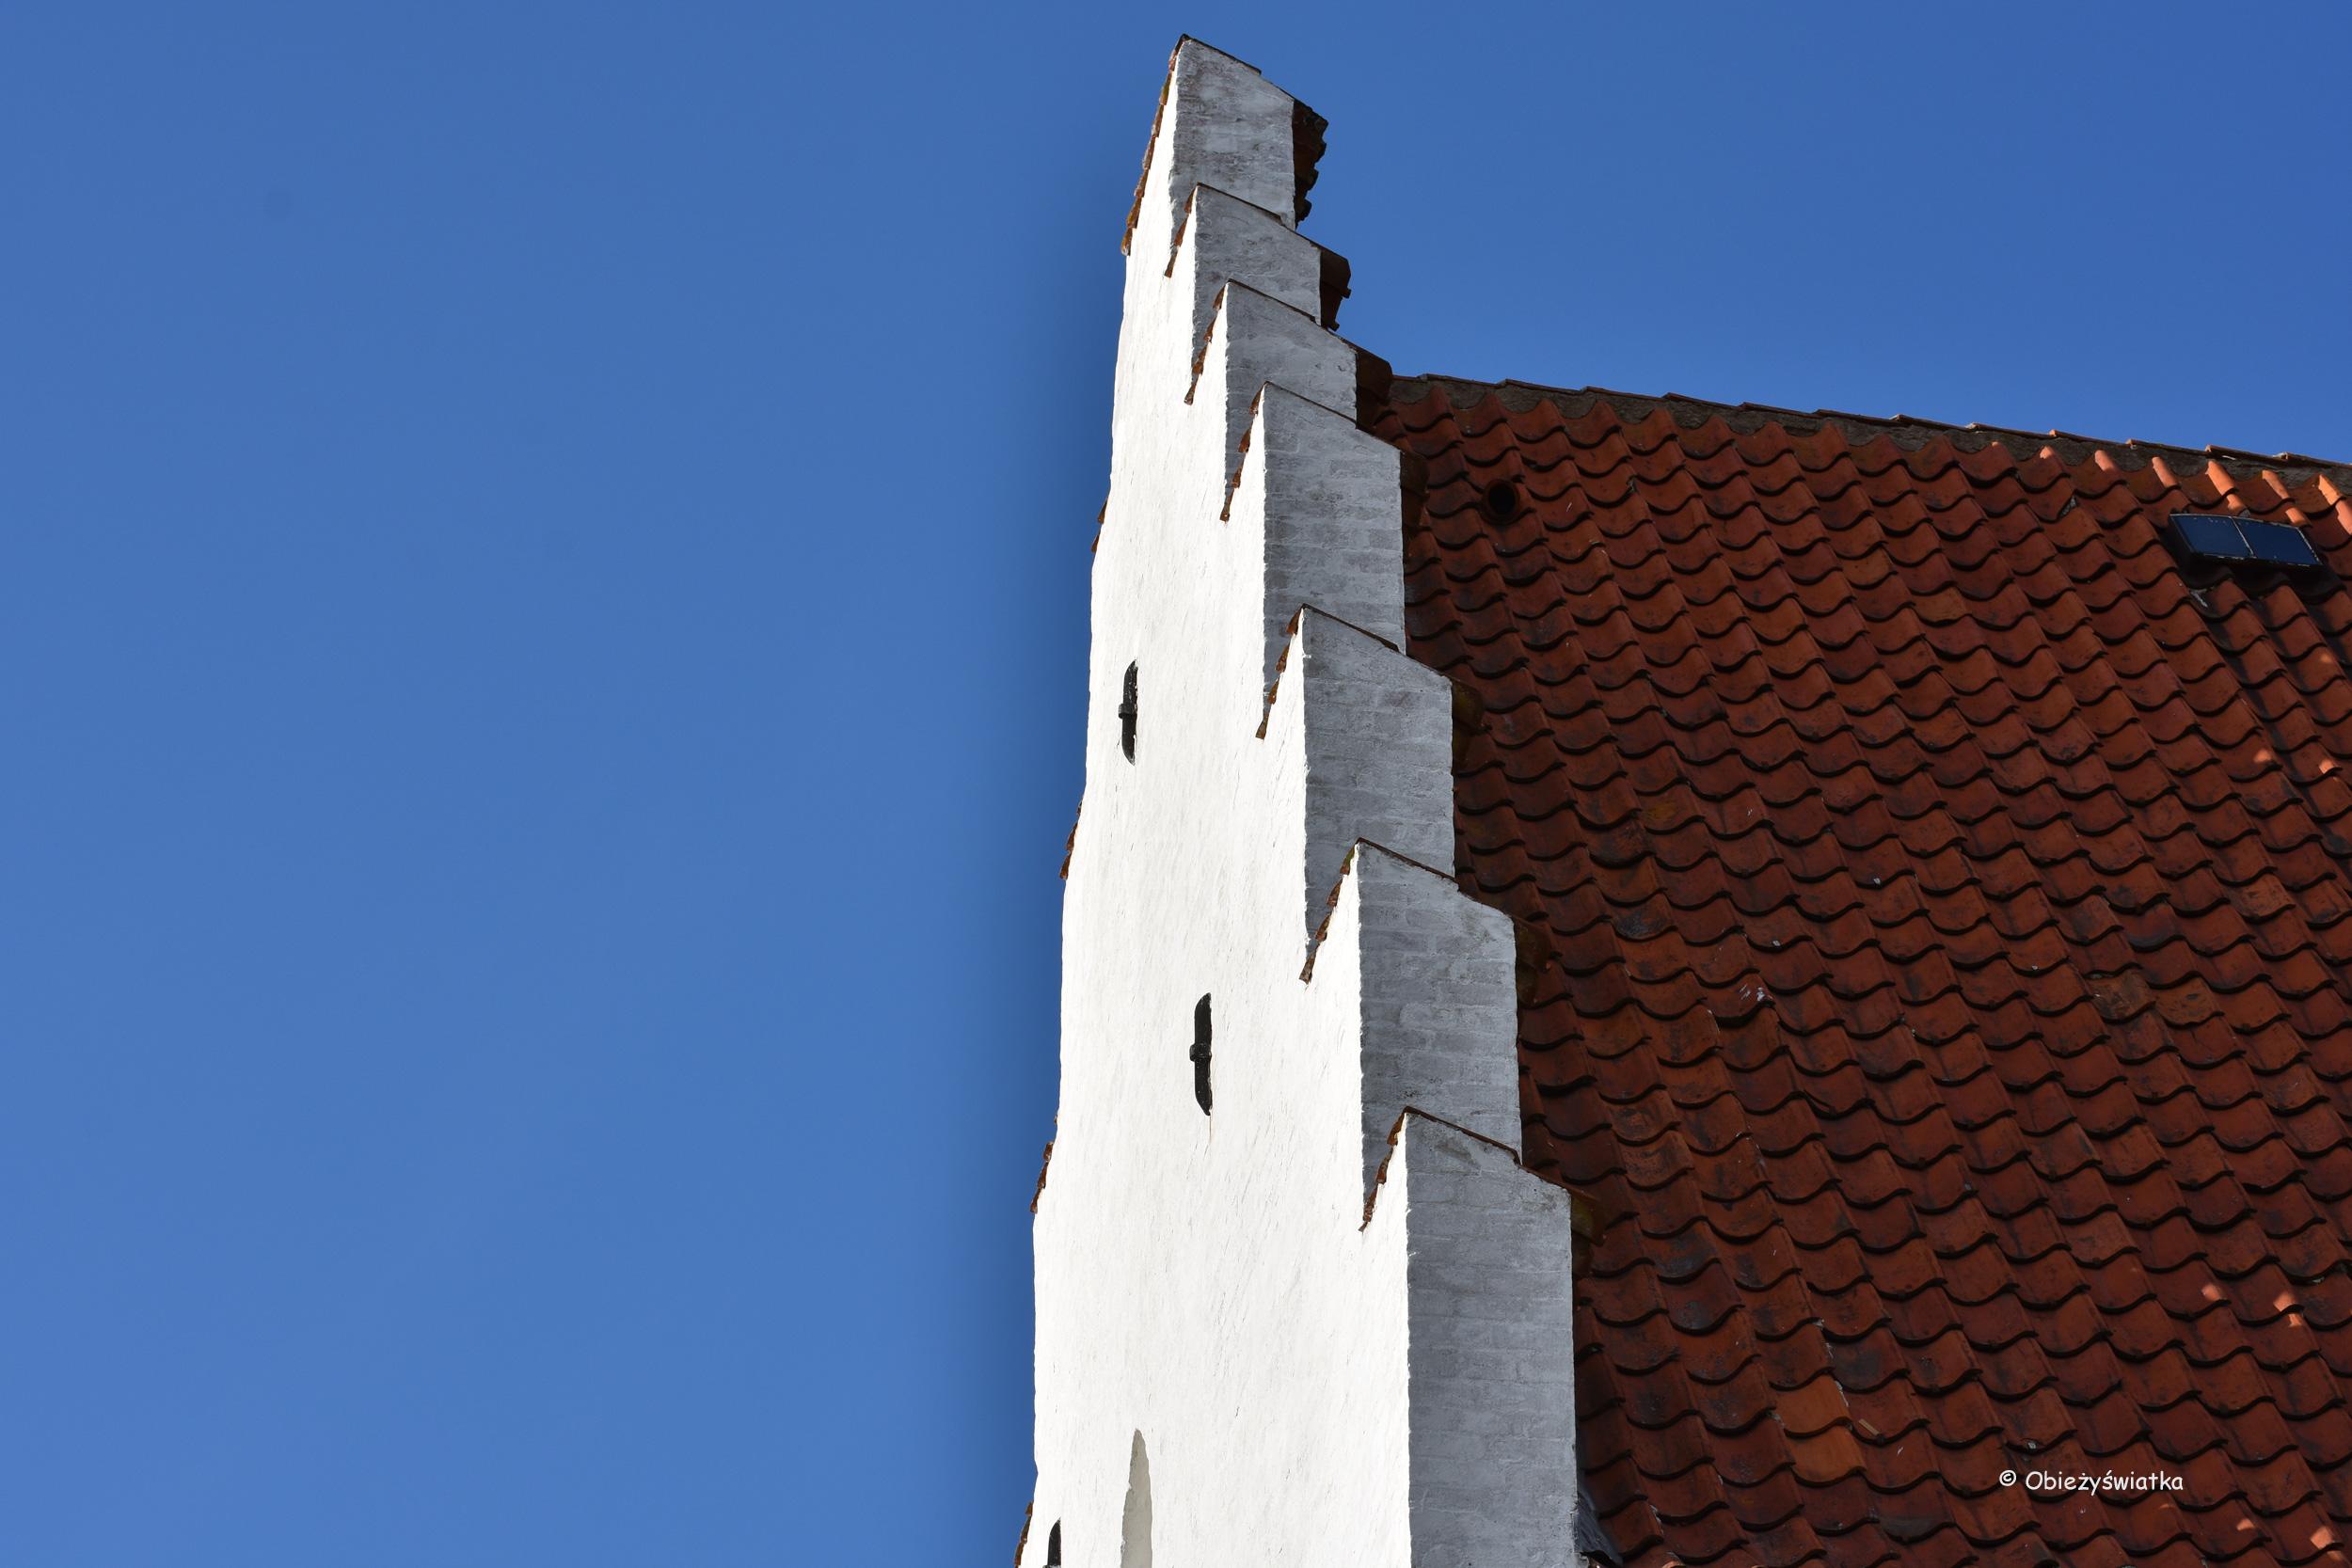 Kościół pod piaskiem w Skagen - biała fasada, ceglasty dach